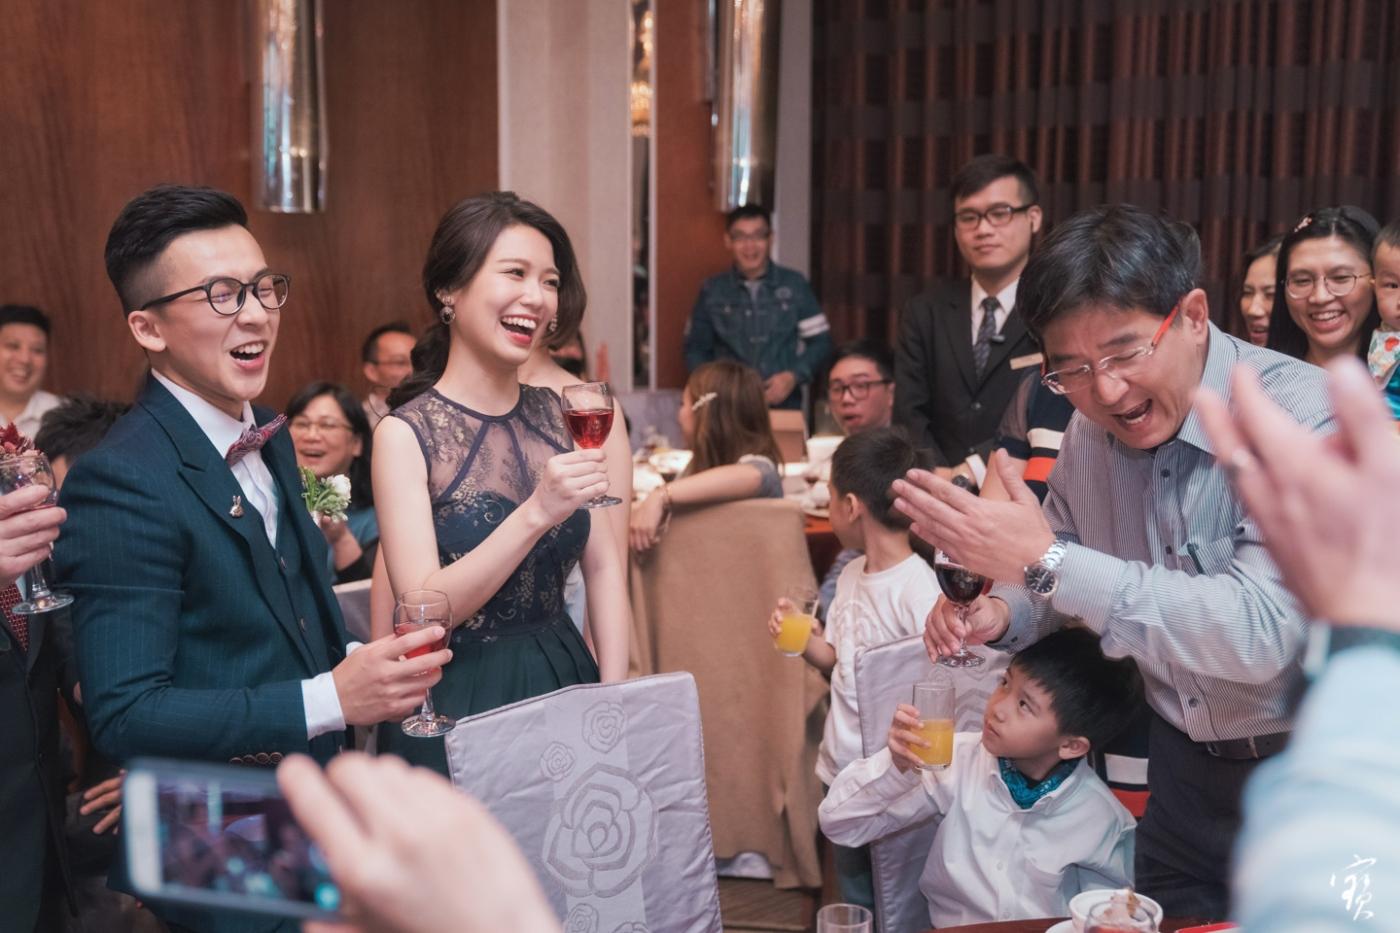 婚禮攝影 婚紗 大直 典華 冬半影像 攝影師大寶 北部攝影 台北攝影 桃園攝影 新竹攝影20181208-471